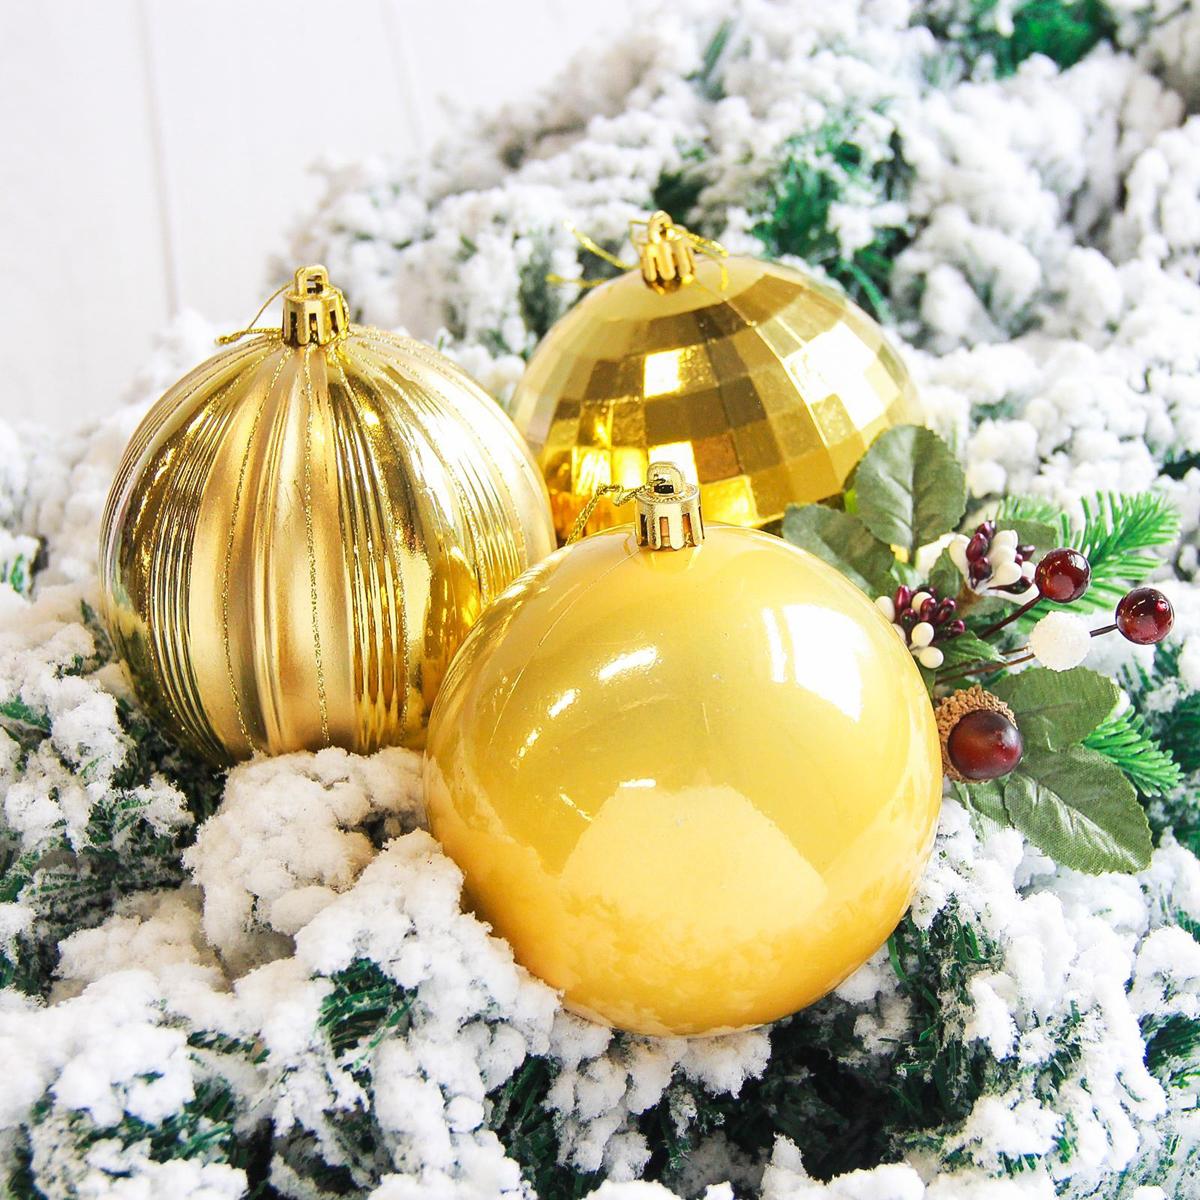 Набор новогодних подвесных украшений Sima-land Чары, цвет: золотистый, диаметр 10 см, 4 шт2178223Набор новогодних подвесных украшений Sima-land отлично подойдет для декорации вашего дома и новогодней ели. С помощью специальной петельки украшение можно повесить в любом понравившемся вам месте. Но, конечно, удачнее всего оно будет смотреться на праздничной елке. Елочная игрушка - символ Нового года. Она несет в себе волшебство и красоту праздника. Создайте в своем доме атмосферу веселья и радости, украшая новогоднюю елку нарядными игрушками, которые будут из года в год накапливать теплоту воспоминаний.